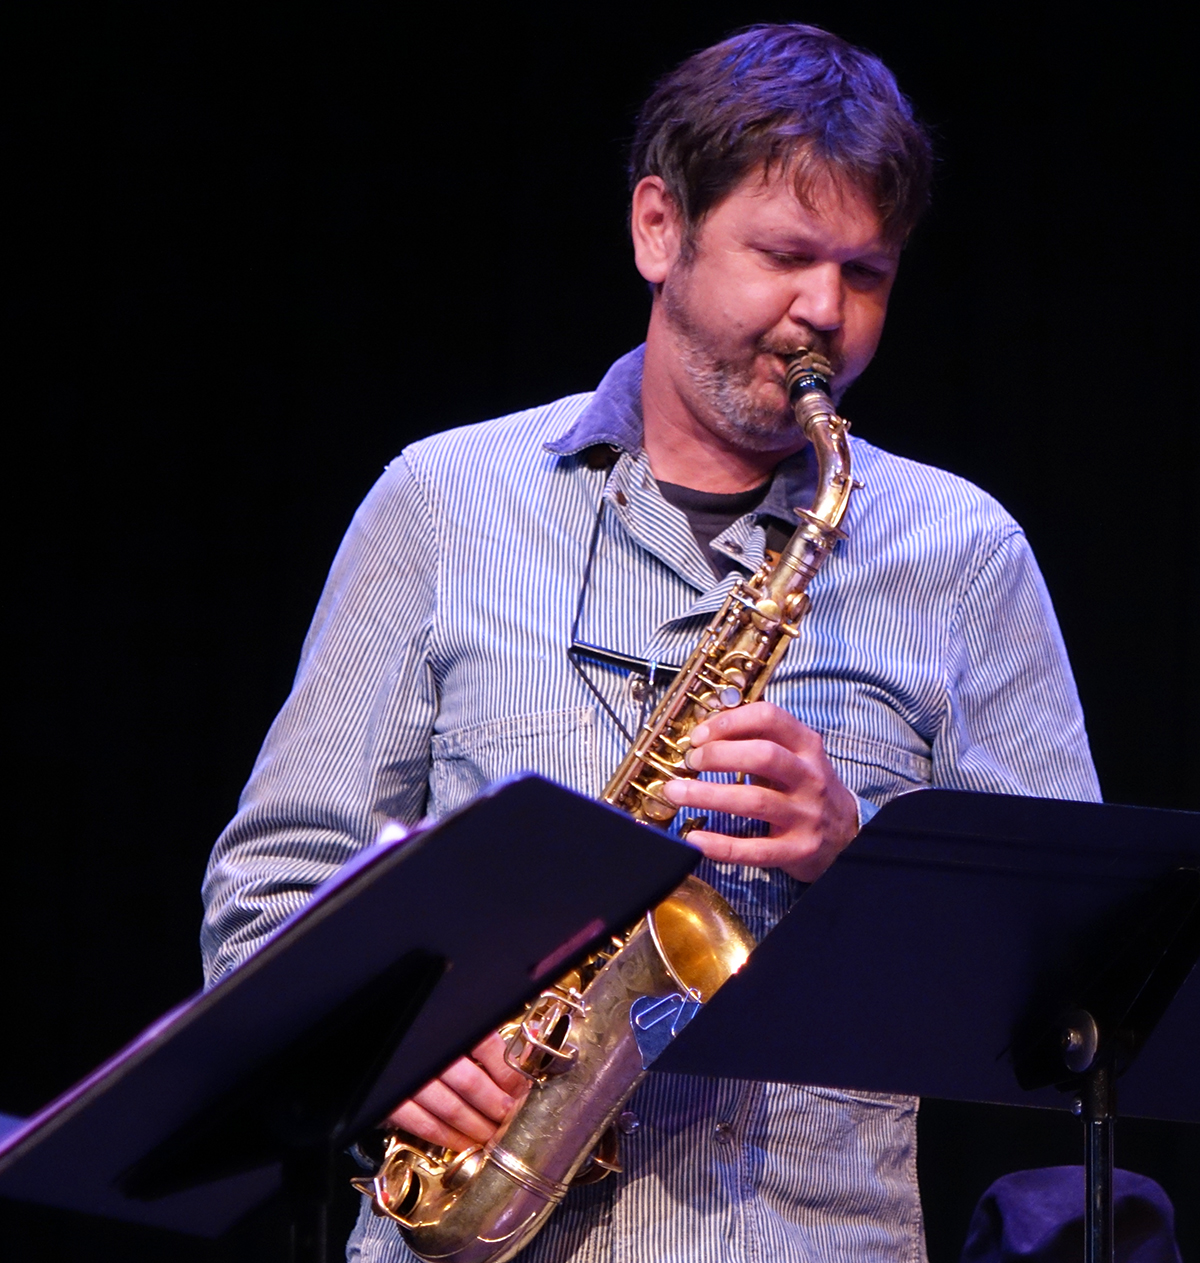 Jim Hobbs at Guelph Jazz Festival 2015